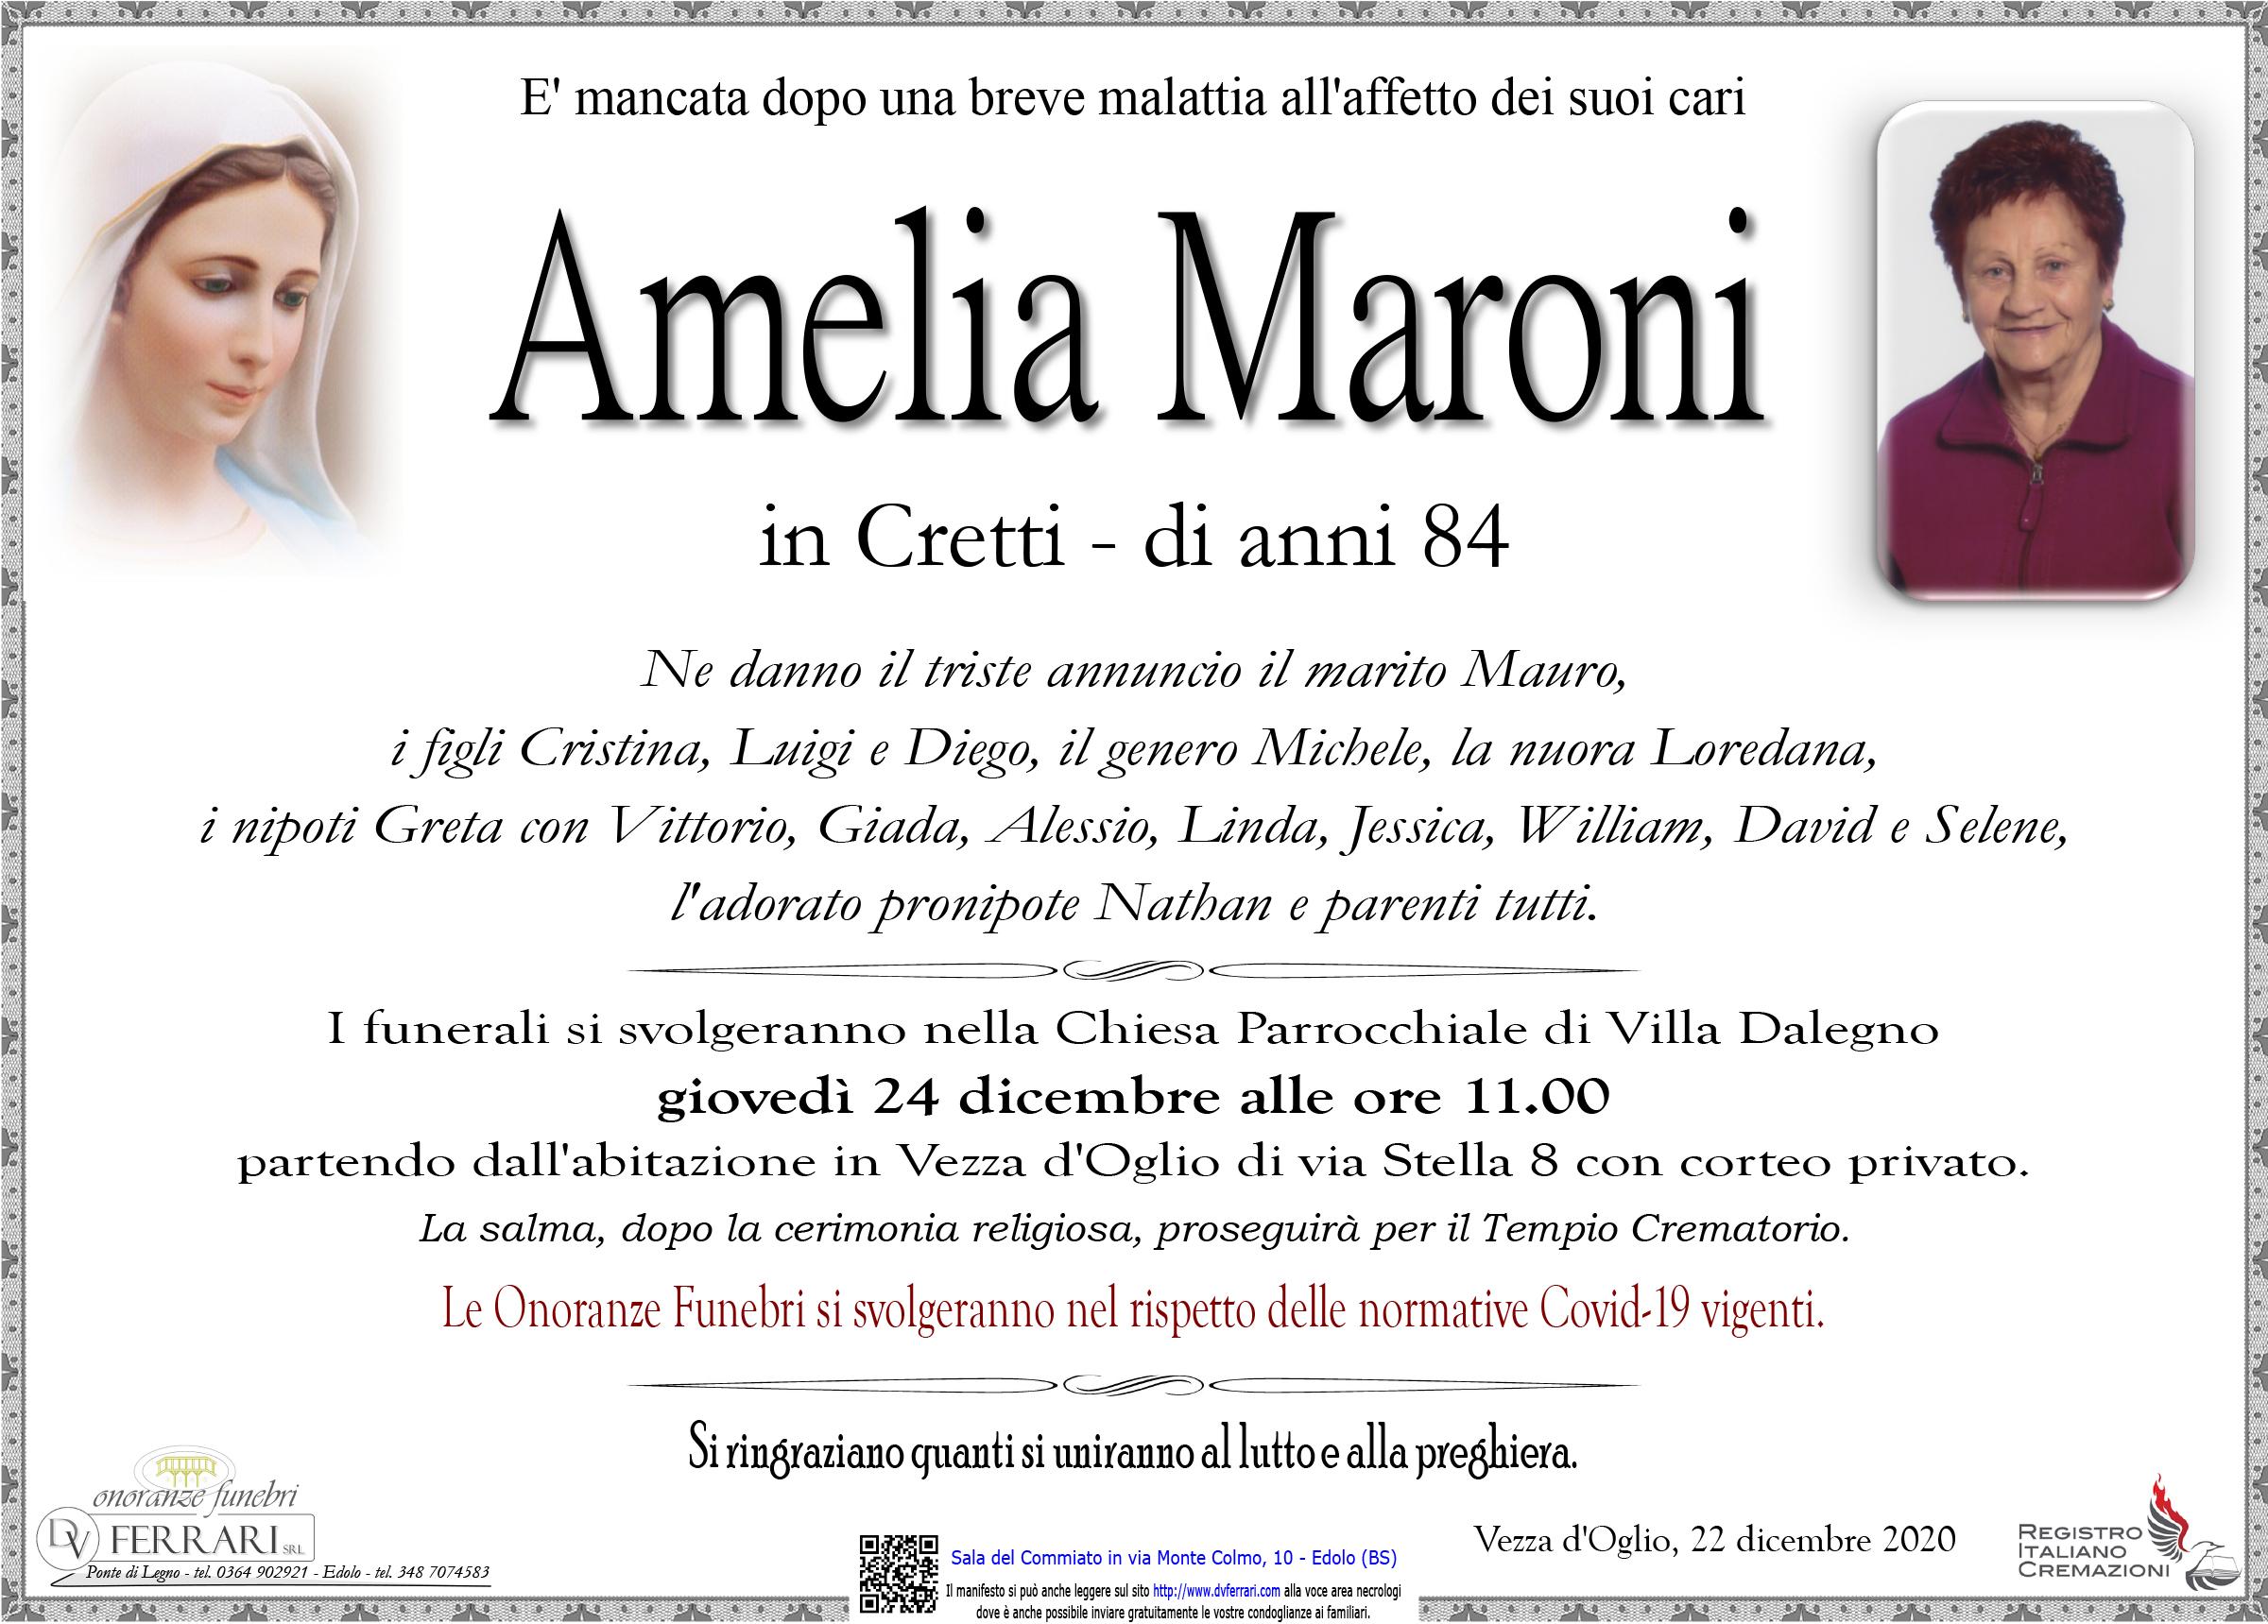 AMELIA MARONI IN CRETTI - VEZZA D'OGLIO